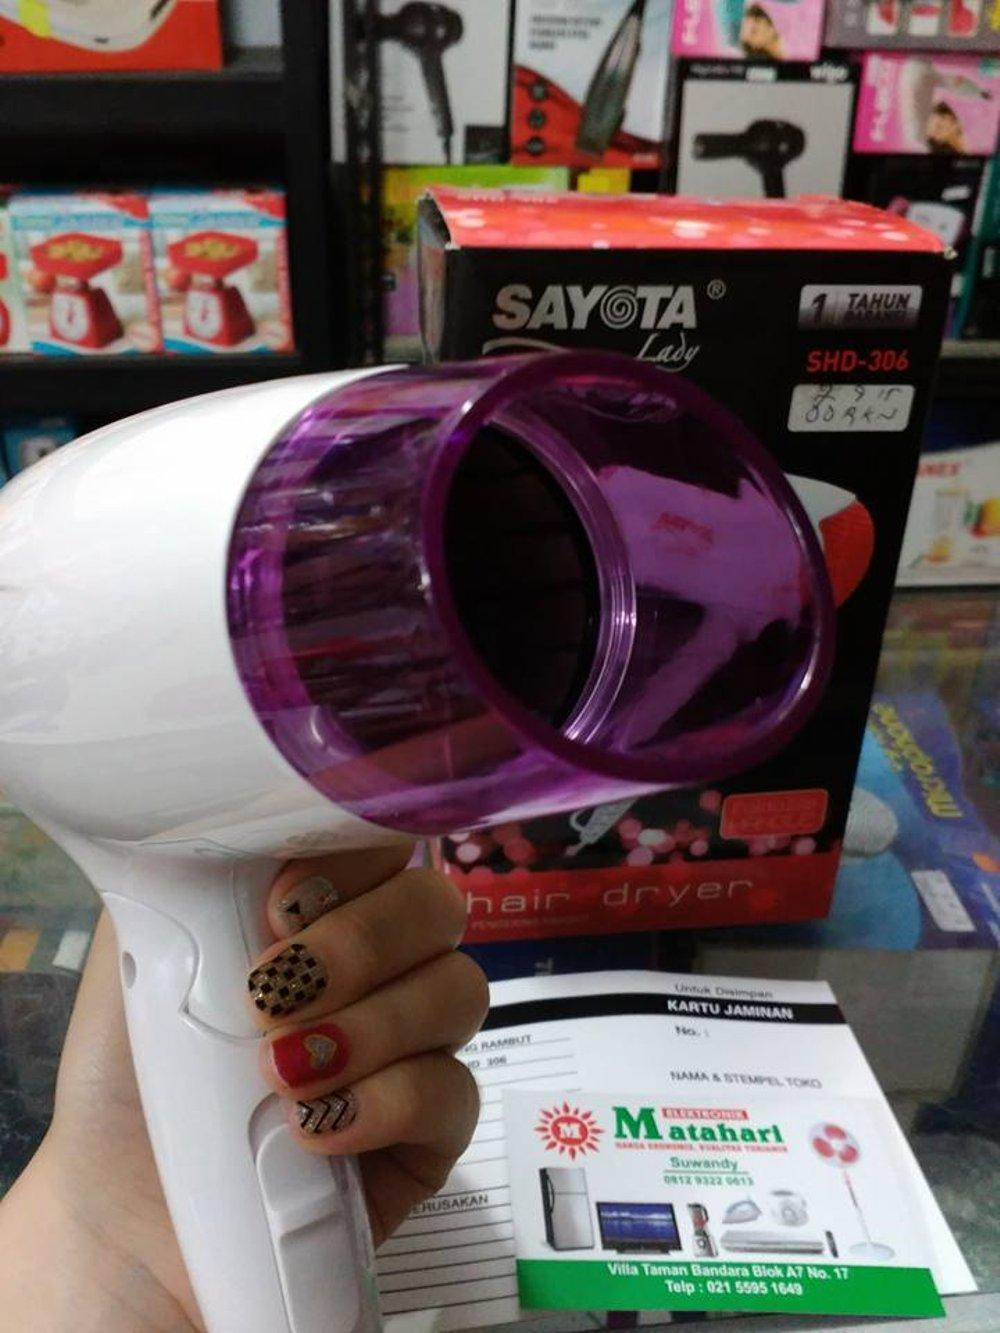 Hair Dryer Pengering rambut Sayota Lady SHD-306 (UNGU) Gagang Bisa Dilipat